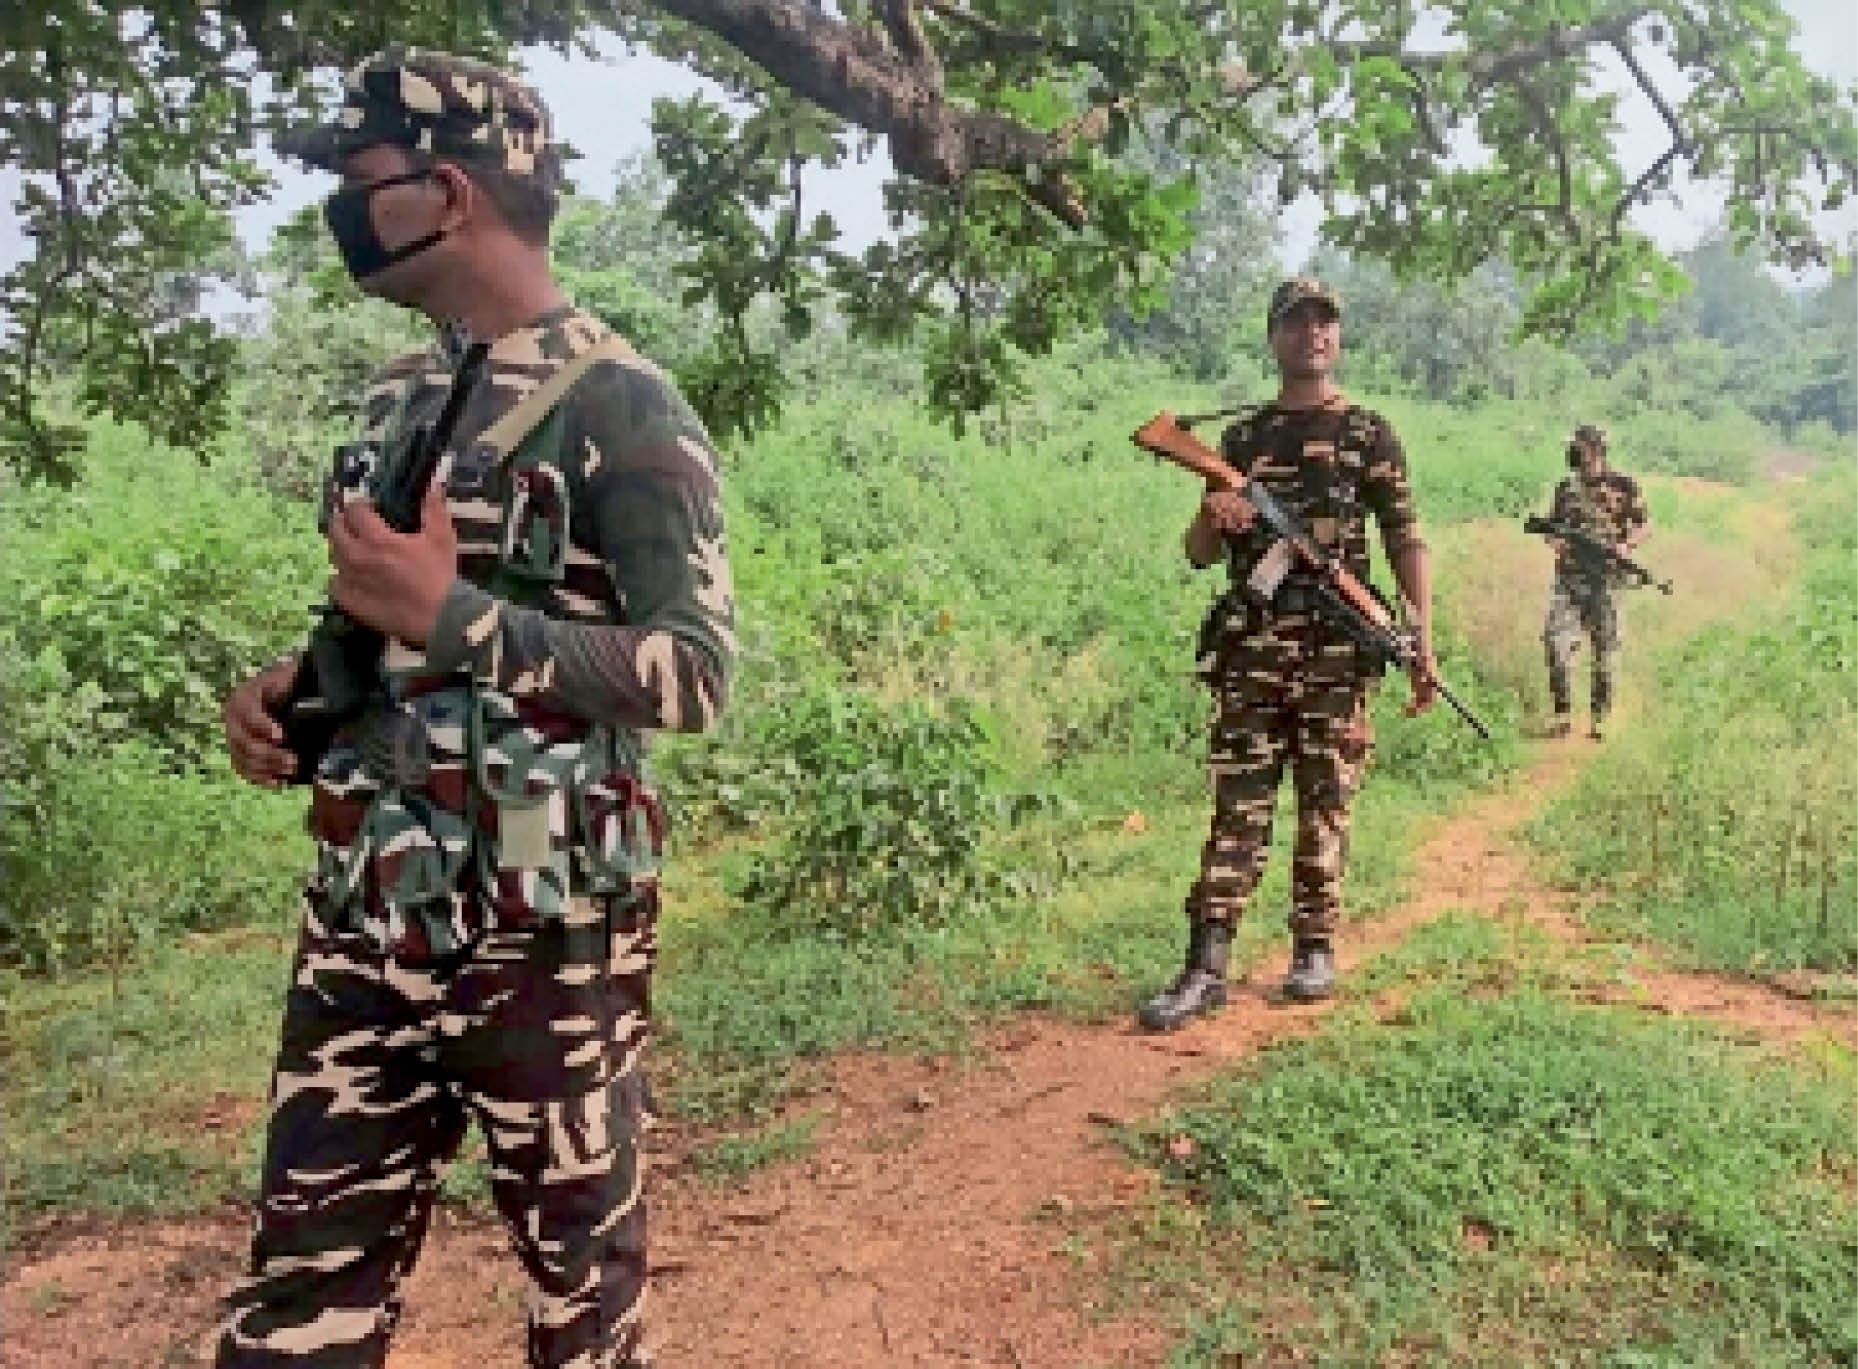 गुरपा के जंगली इलाकाें में सर्च अभियान में शामिल सुरक्षा बल ।